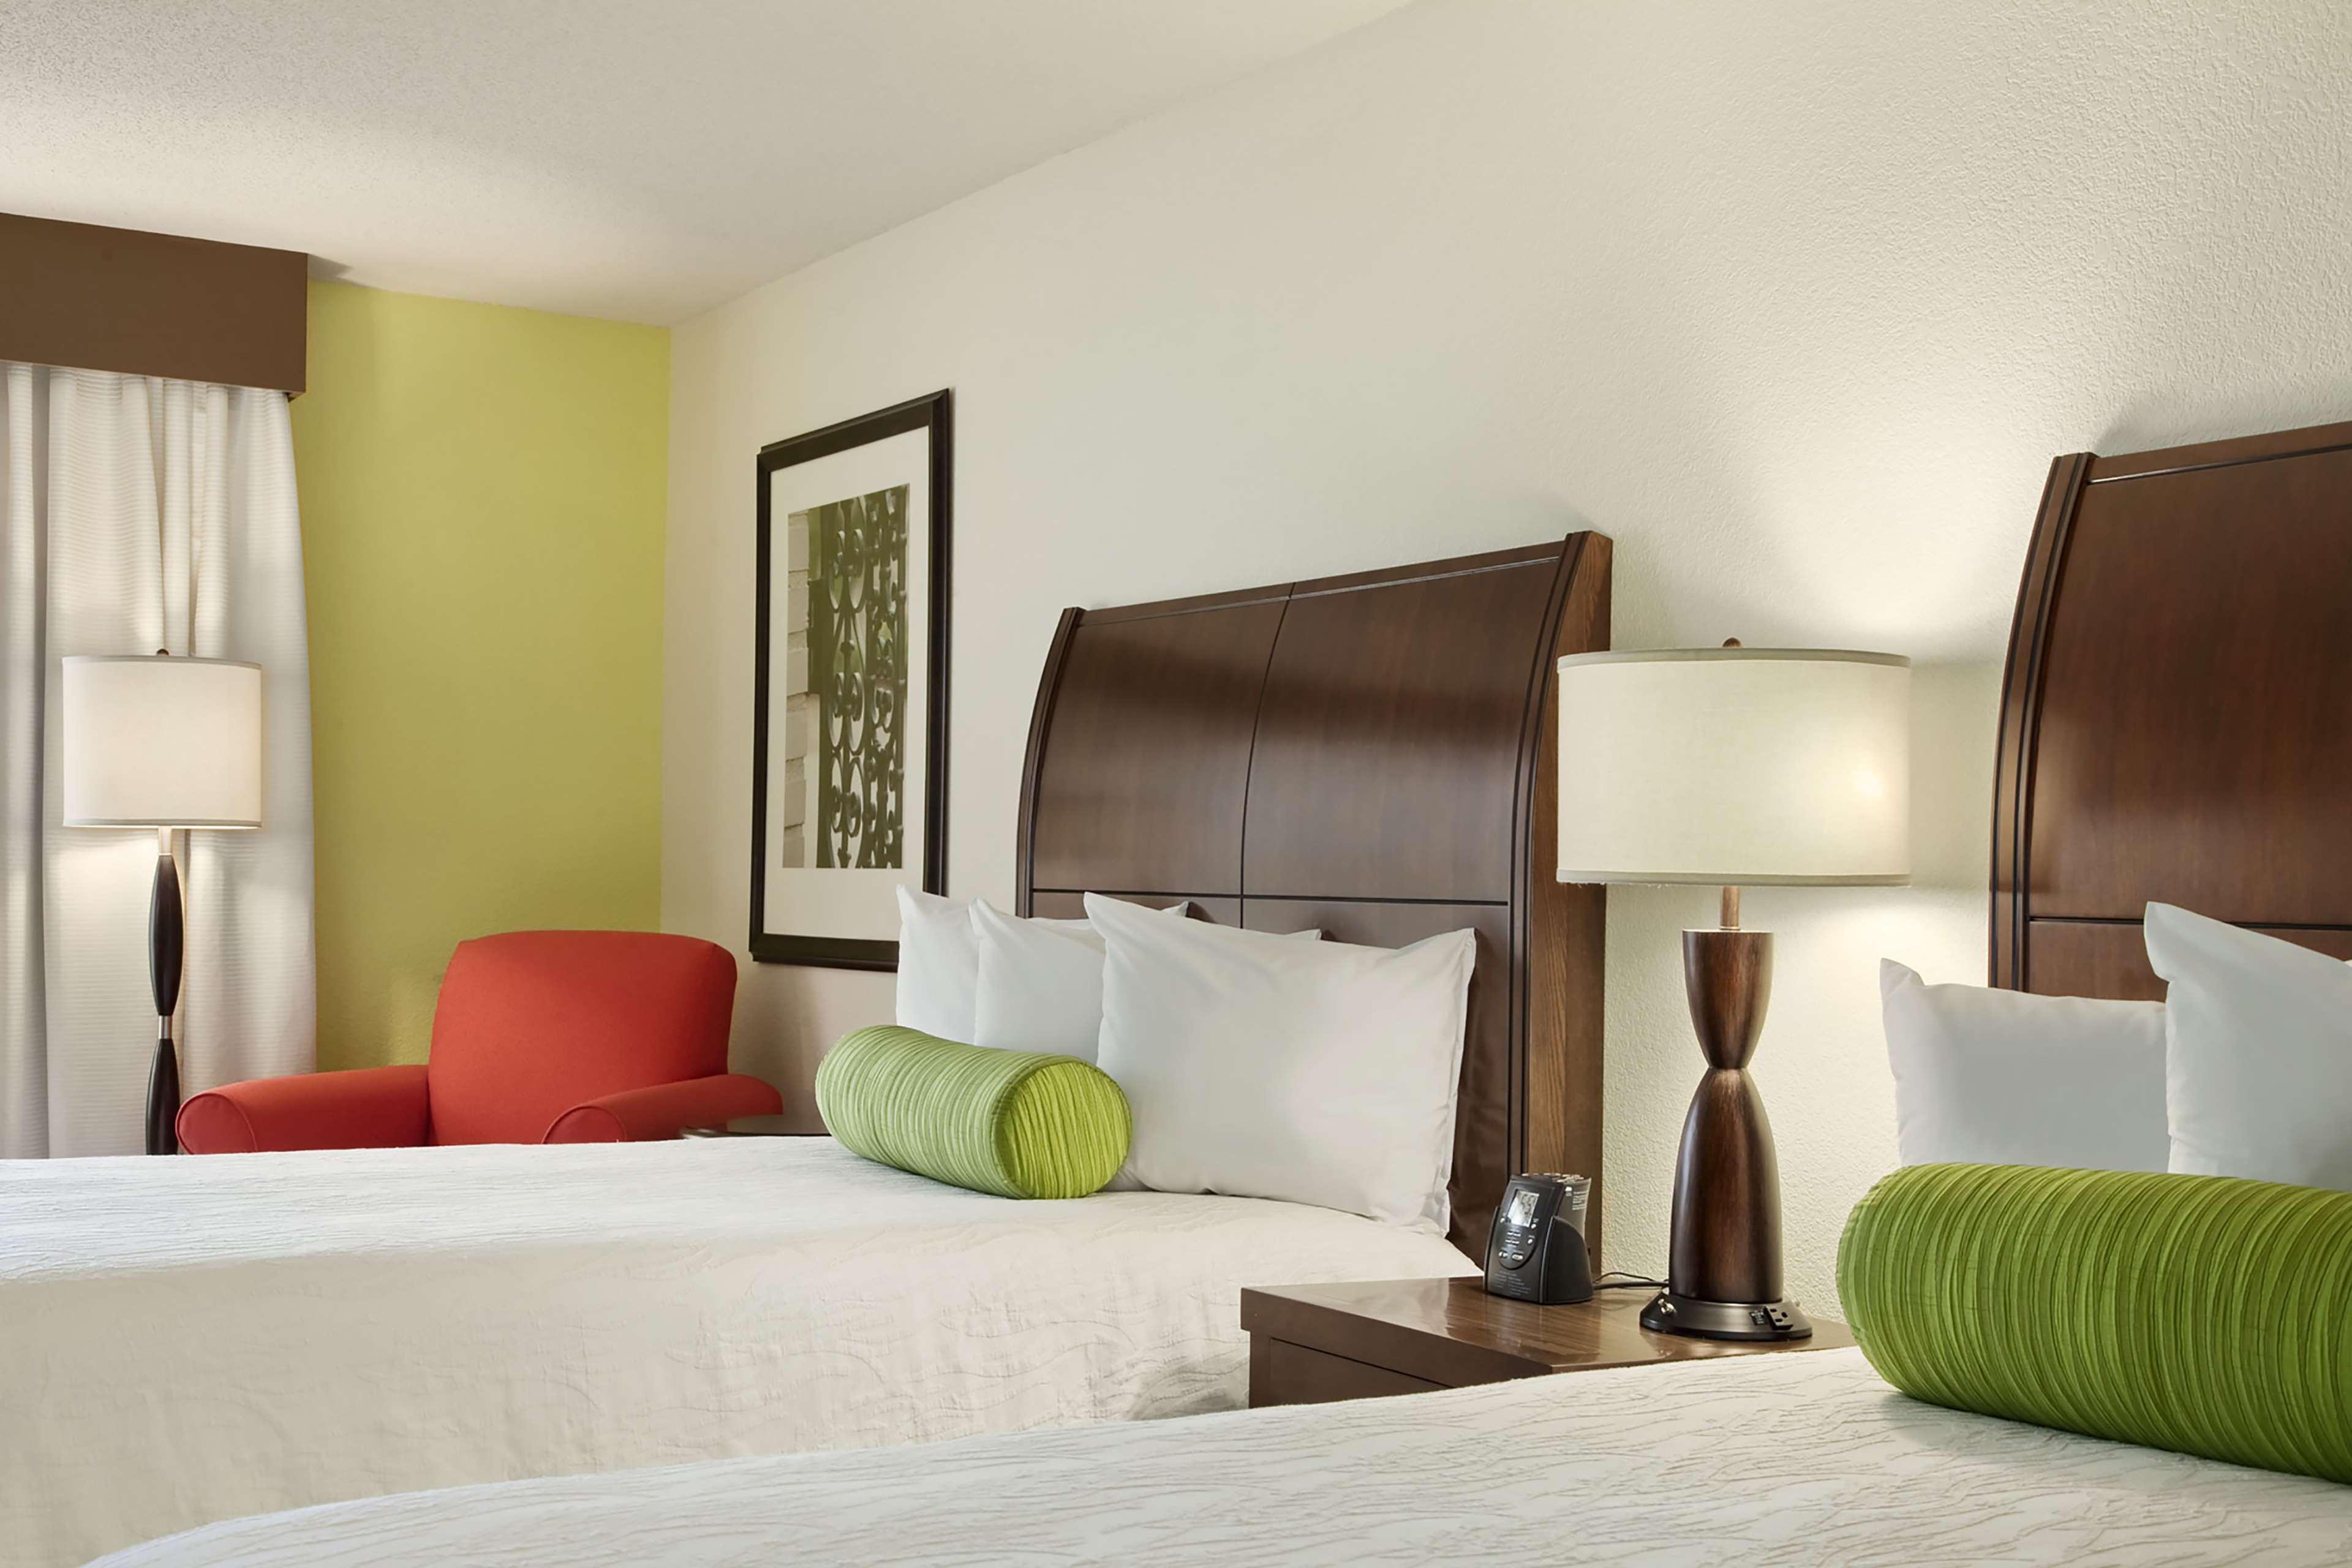 Hilton Garden Inn Hoffman Estates image 17